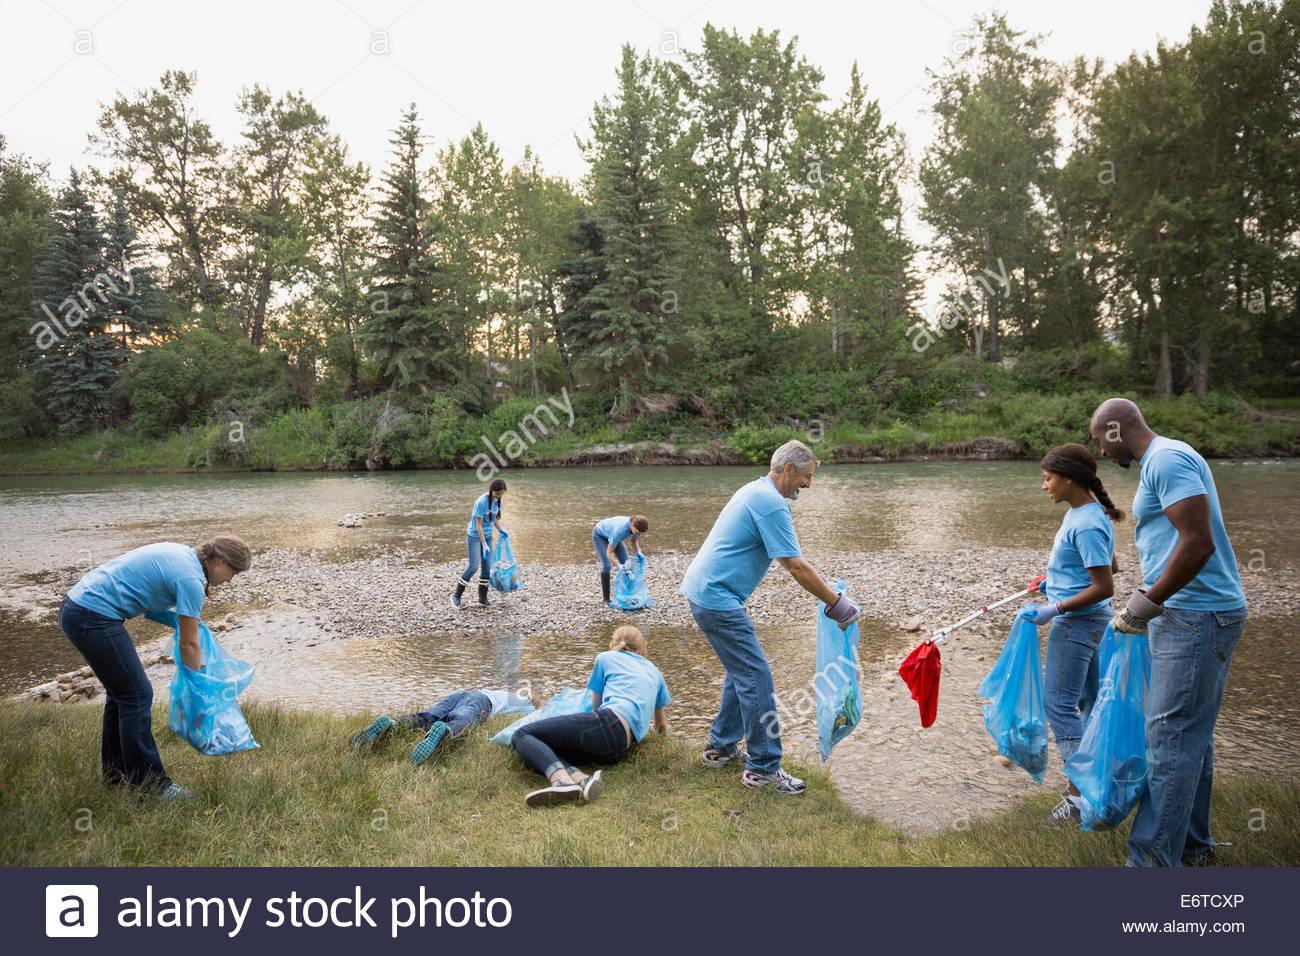 Volunteers picking up garbage at riverbank - Stock Image